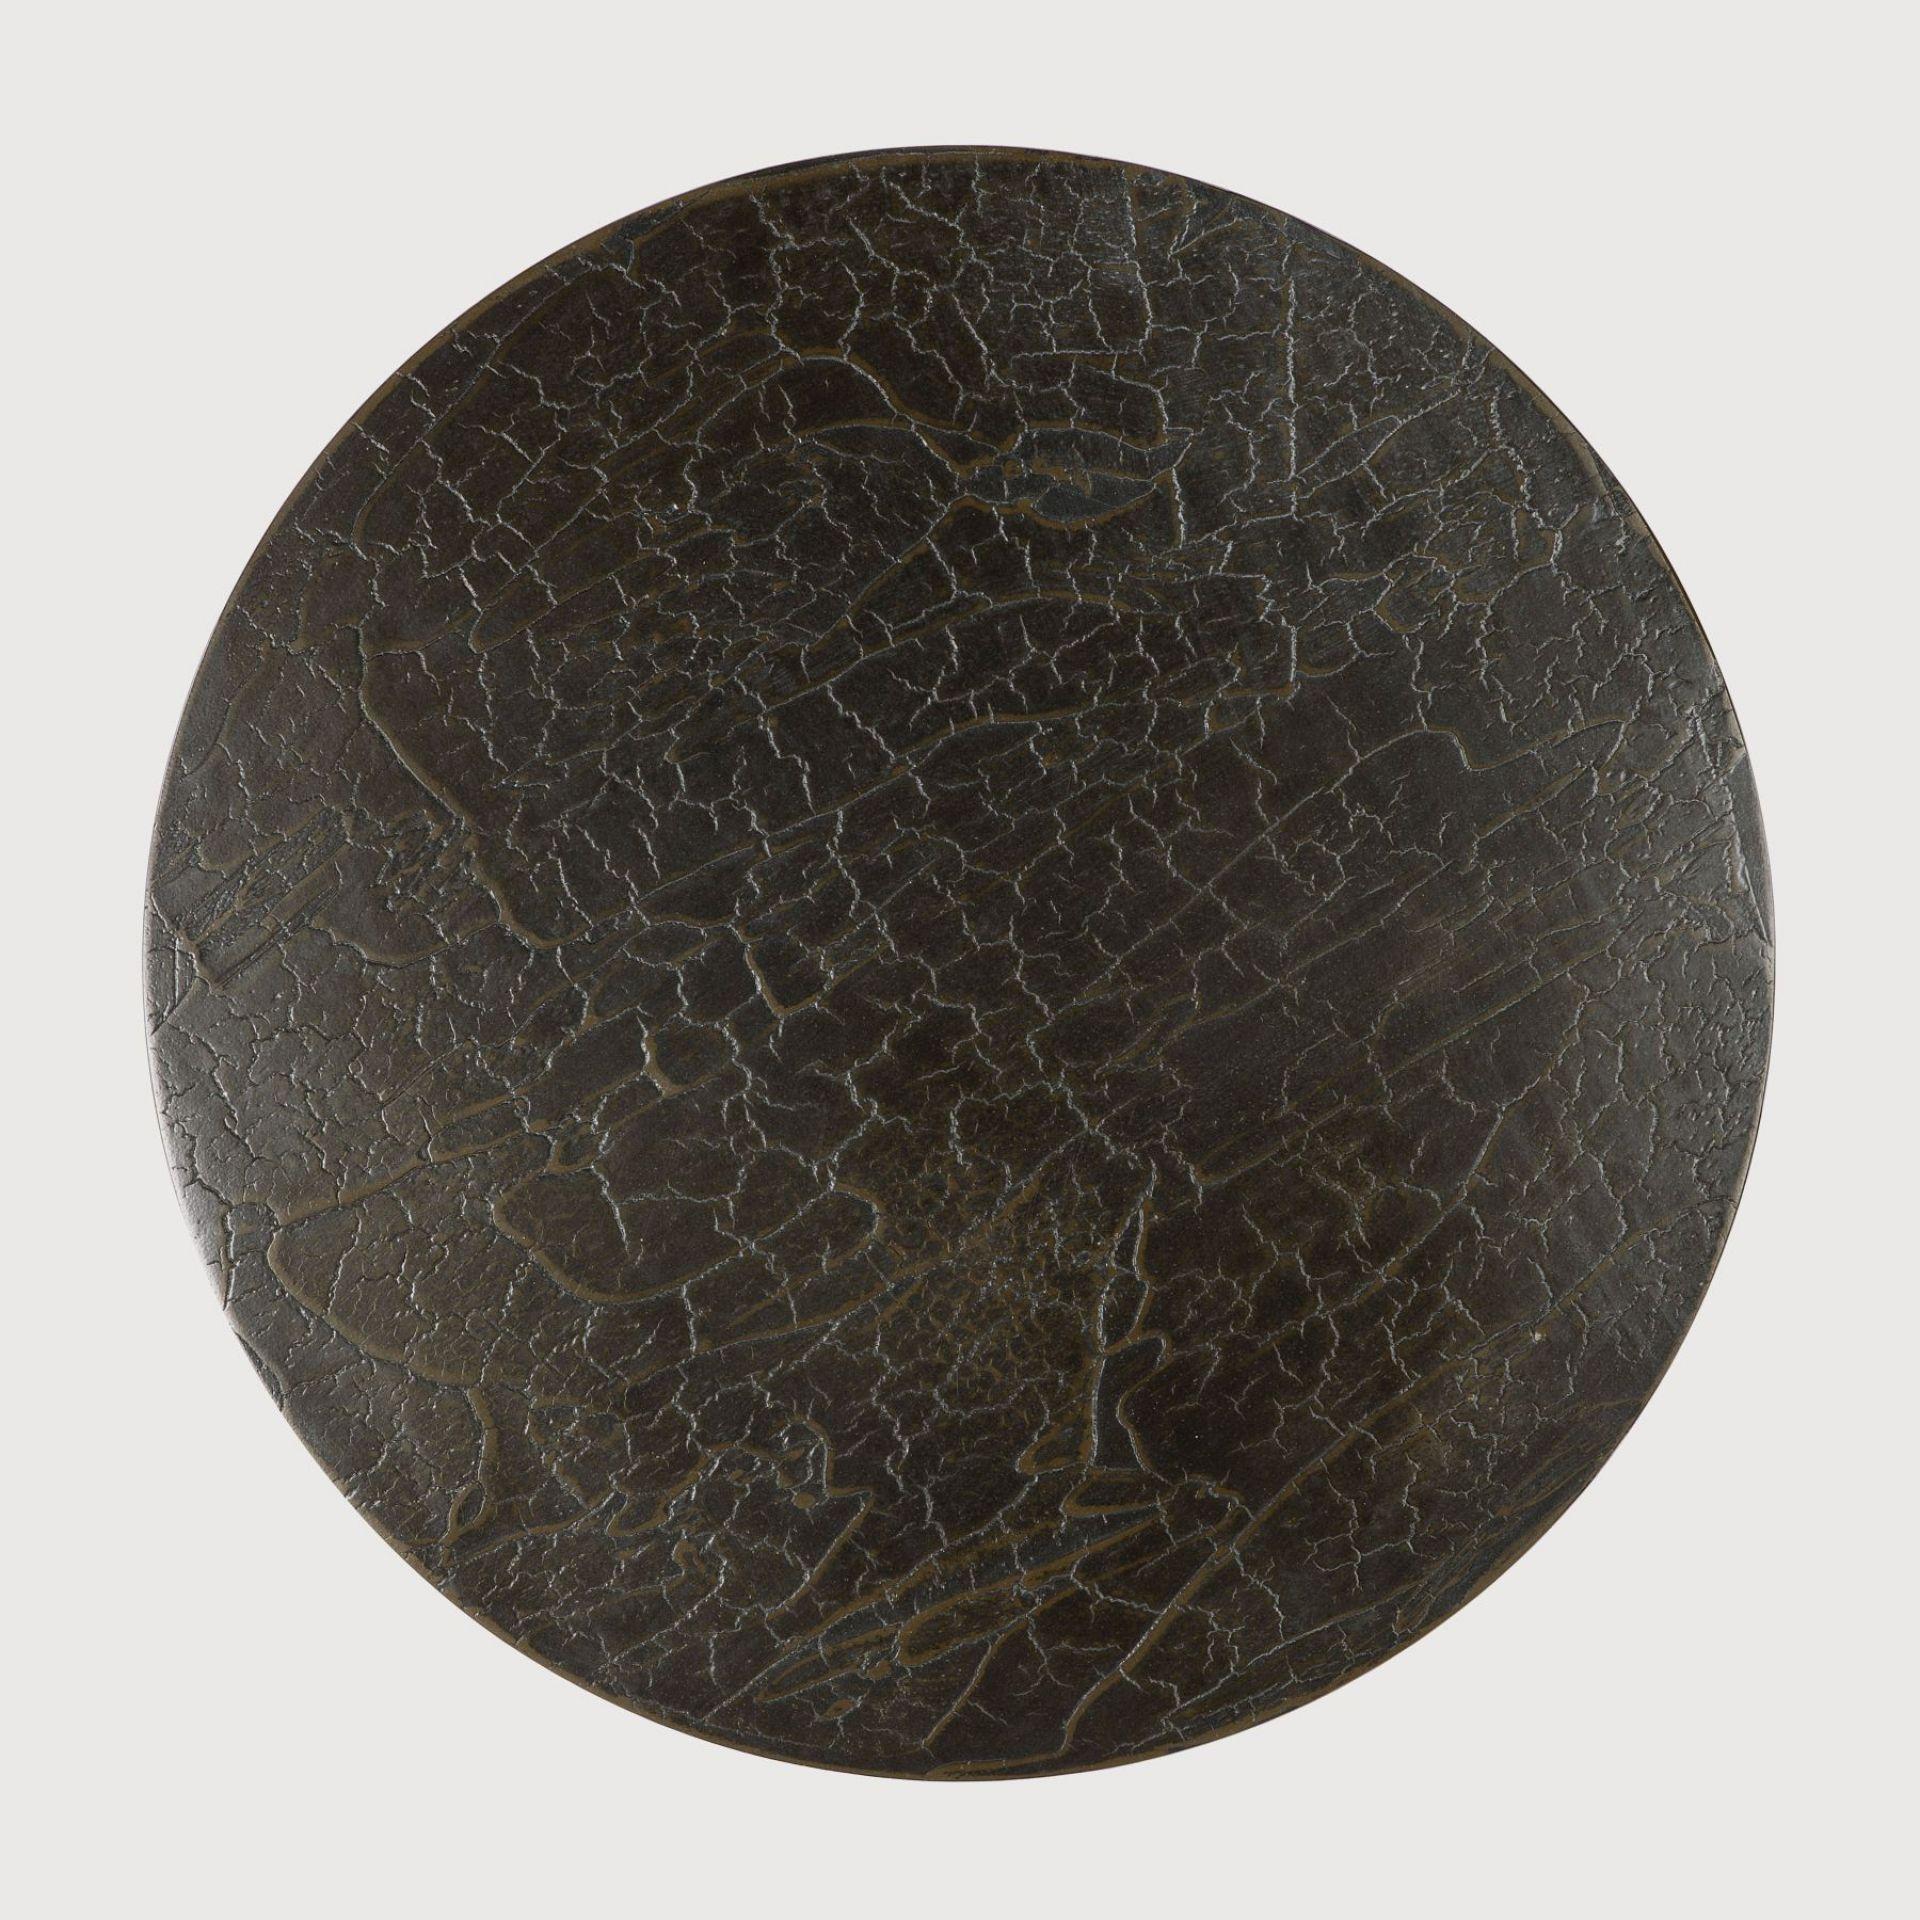 Sphere Couchtisch Umber Ethnicraft